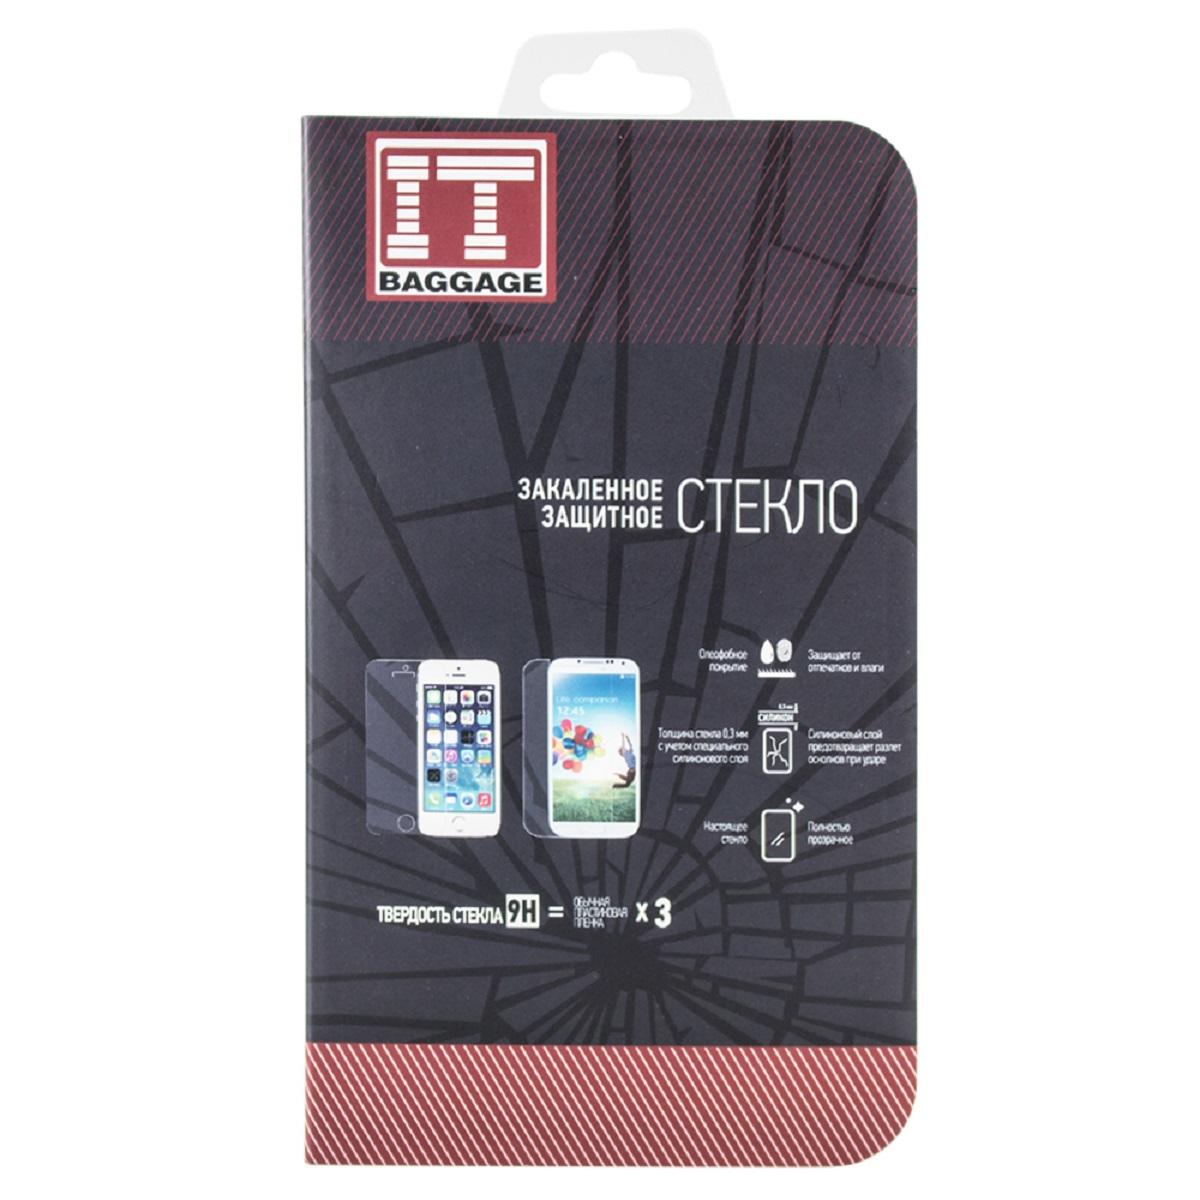 IT Baggage защитное стекло для Lenovo A1000ITLNA1000GЗакаленное стекло IT Baggage для Lenovo A1000 - это самый верный способ защитить экран от повреждений и загрязнений. Обладает высочайшим уровнем прозрачности и совершенно не влияет на отклик экранного сенсора и качество изображения. Препятствует появлению отпечатков и пятен. Удалить следы жира и косметики с поверхности аксессуара не составить ни какого труда. Характеристики защитного стекла делают его износостойким к таким механическим повреждениям, как царапины, сколы, потертости. При сильном ударе разбившееся стекло не разлетается на осколки, предохраняя вас от порезов, а экран устройства от повреждений. После снятия защитного стекла с поверхности дисплея, на нем не остаются повреждения, такие как потертости и царапины.